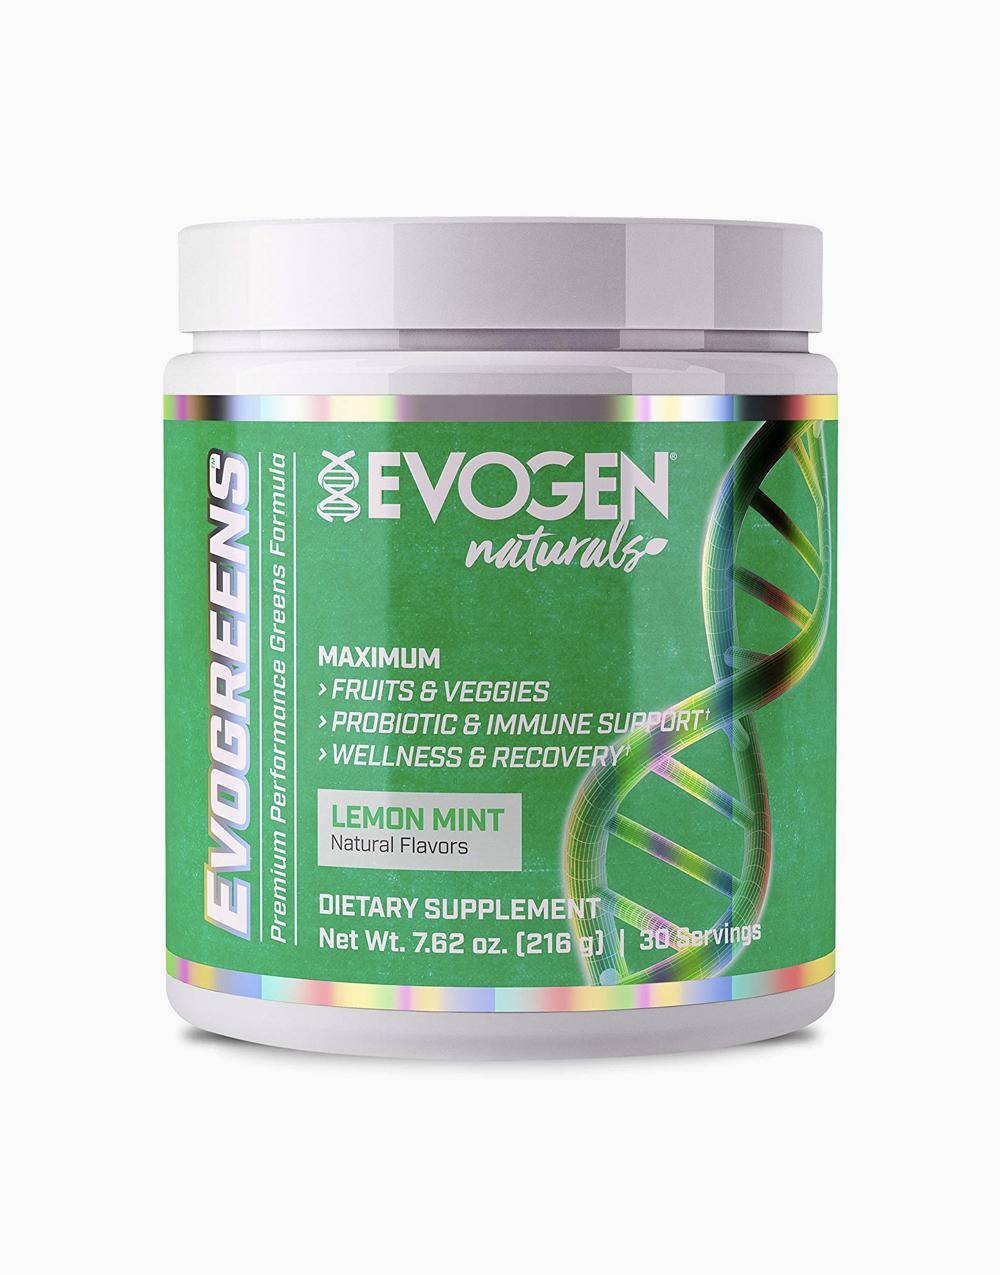 Nutrition Naturals Evogreens Lemon Mint Flavor (30 Servings) by Evogen